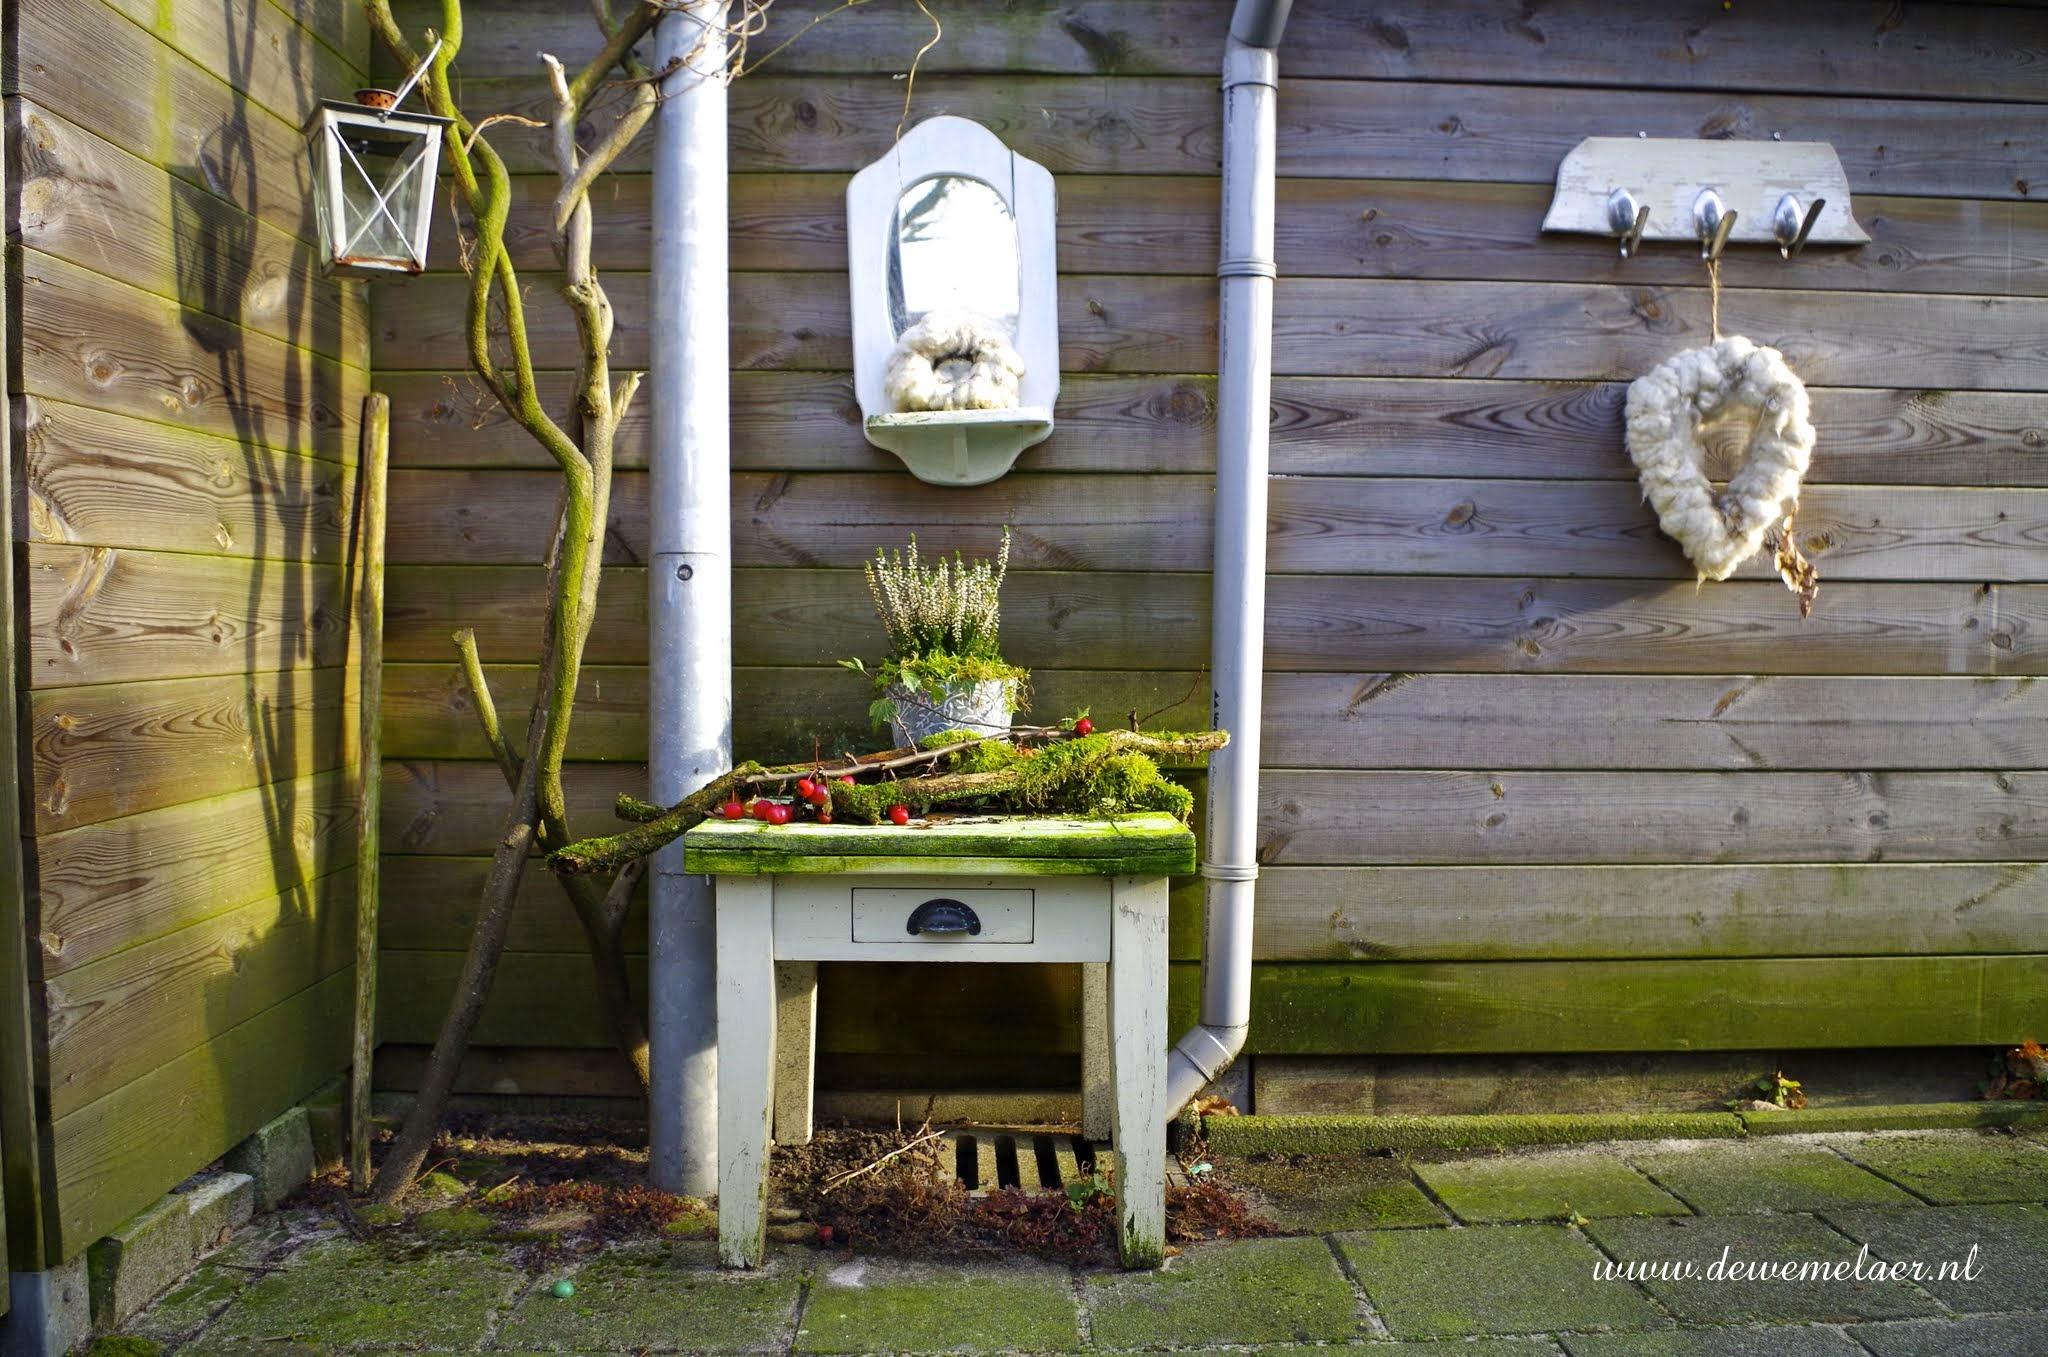 brocante buitenkeuken : Buitenkijken Bij Johanna De Wemelaer